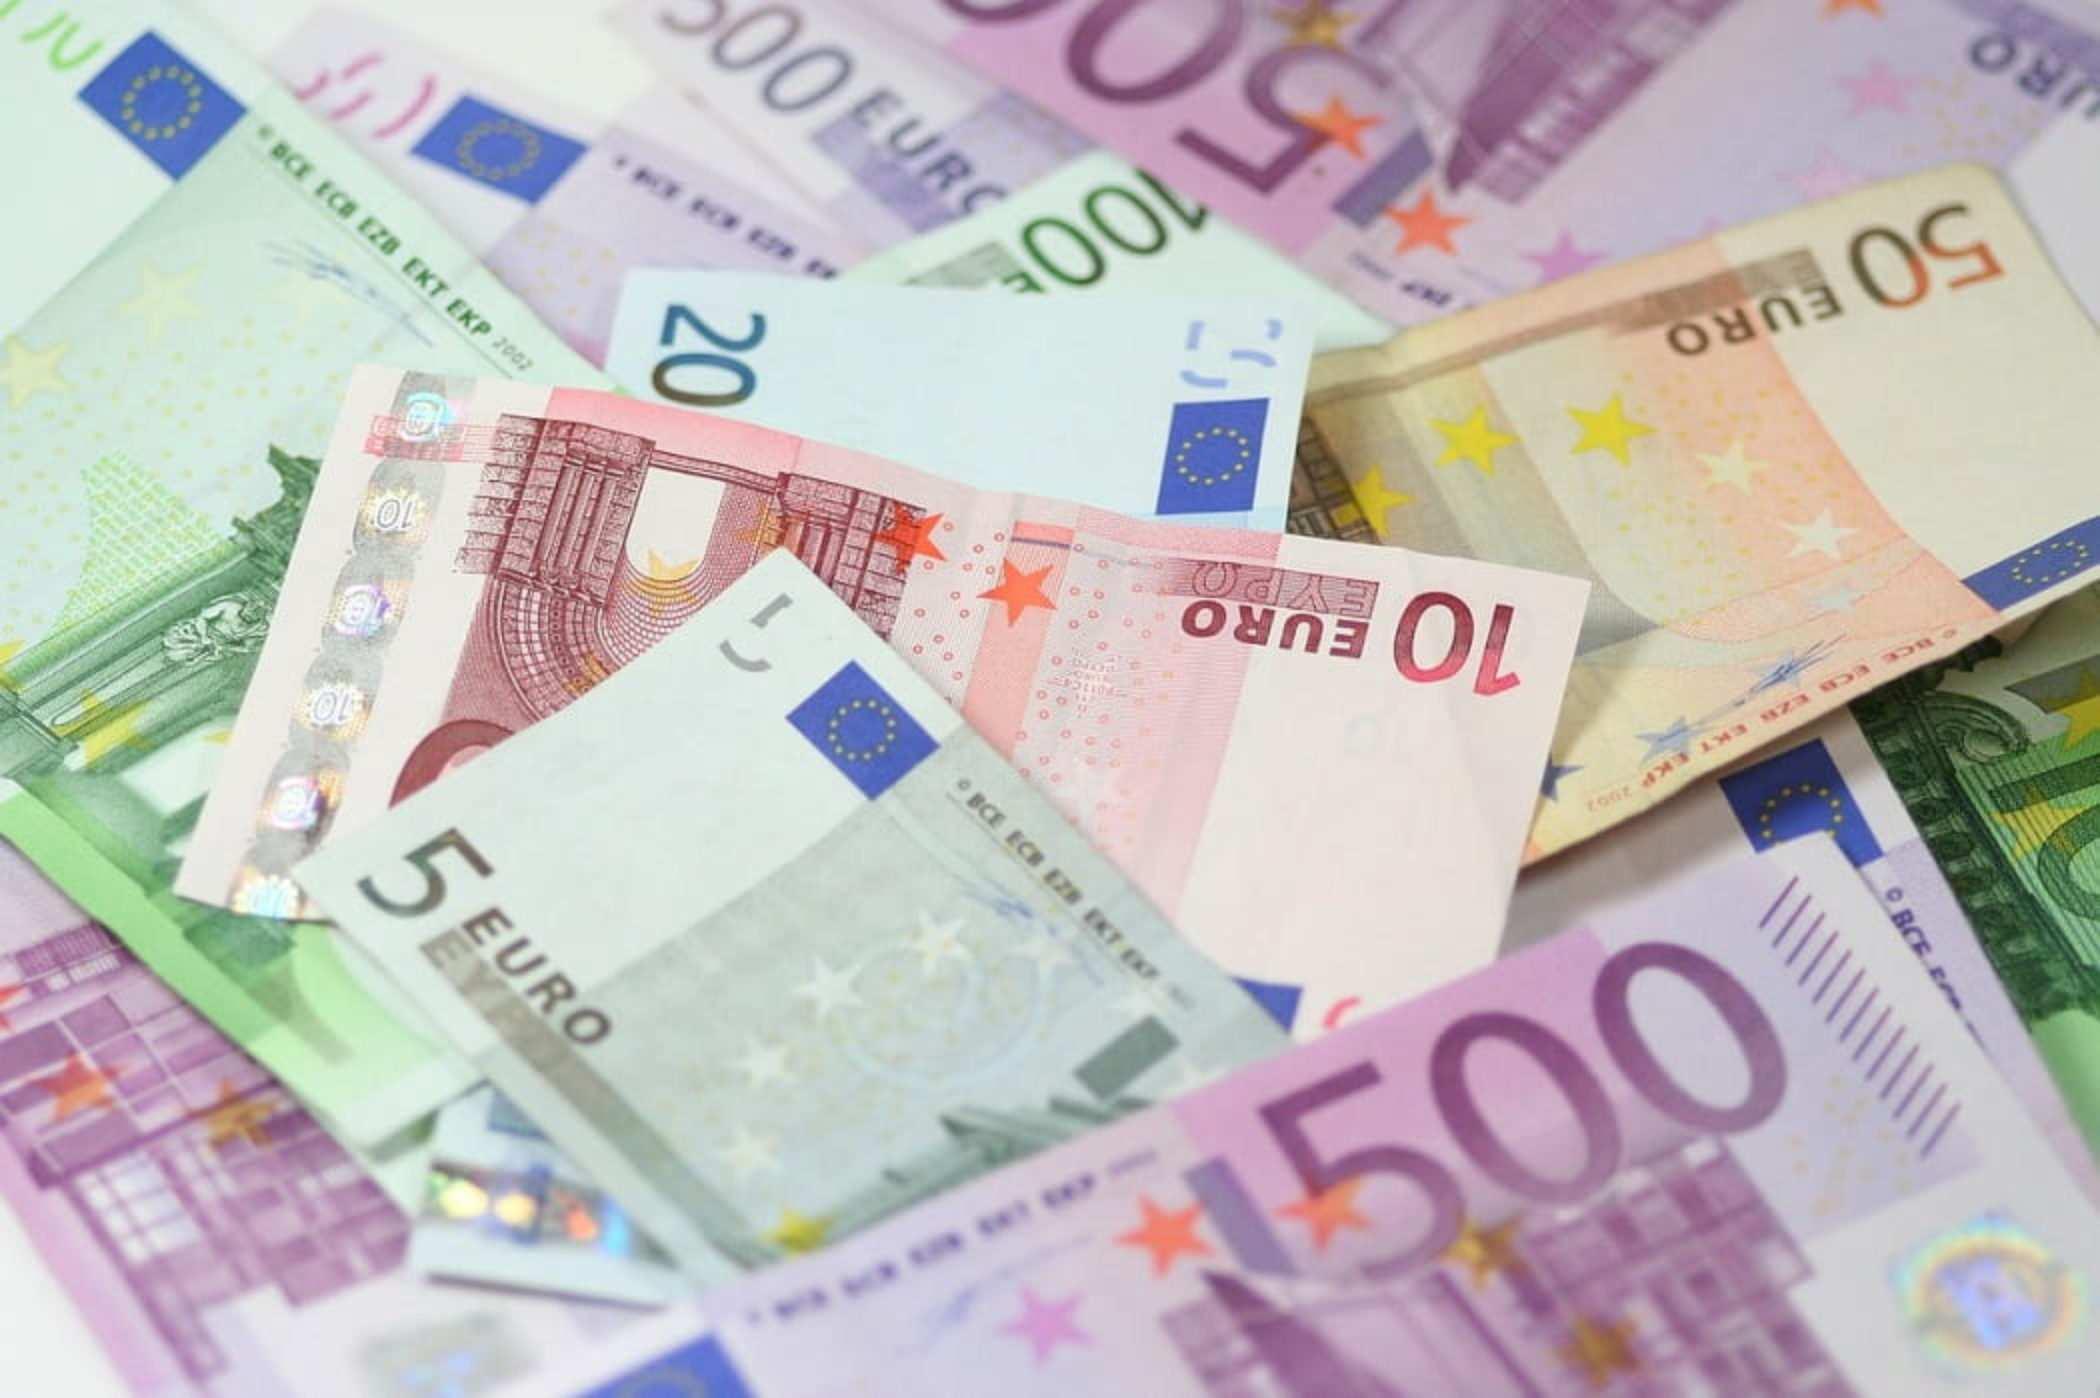 «русское лото» с подвохом. как у россиян крадут деньги в «фейковых» лотереях? | bankiros.ru